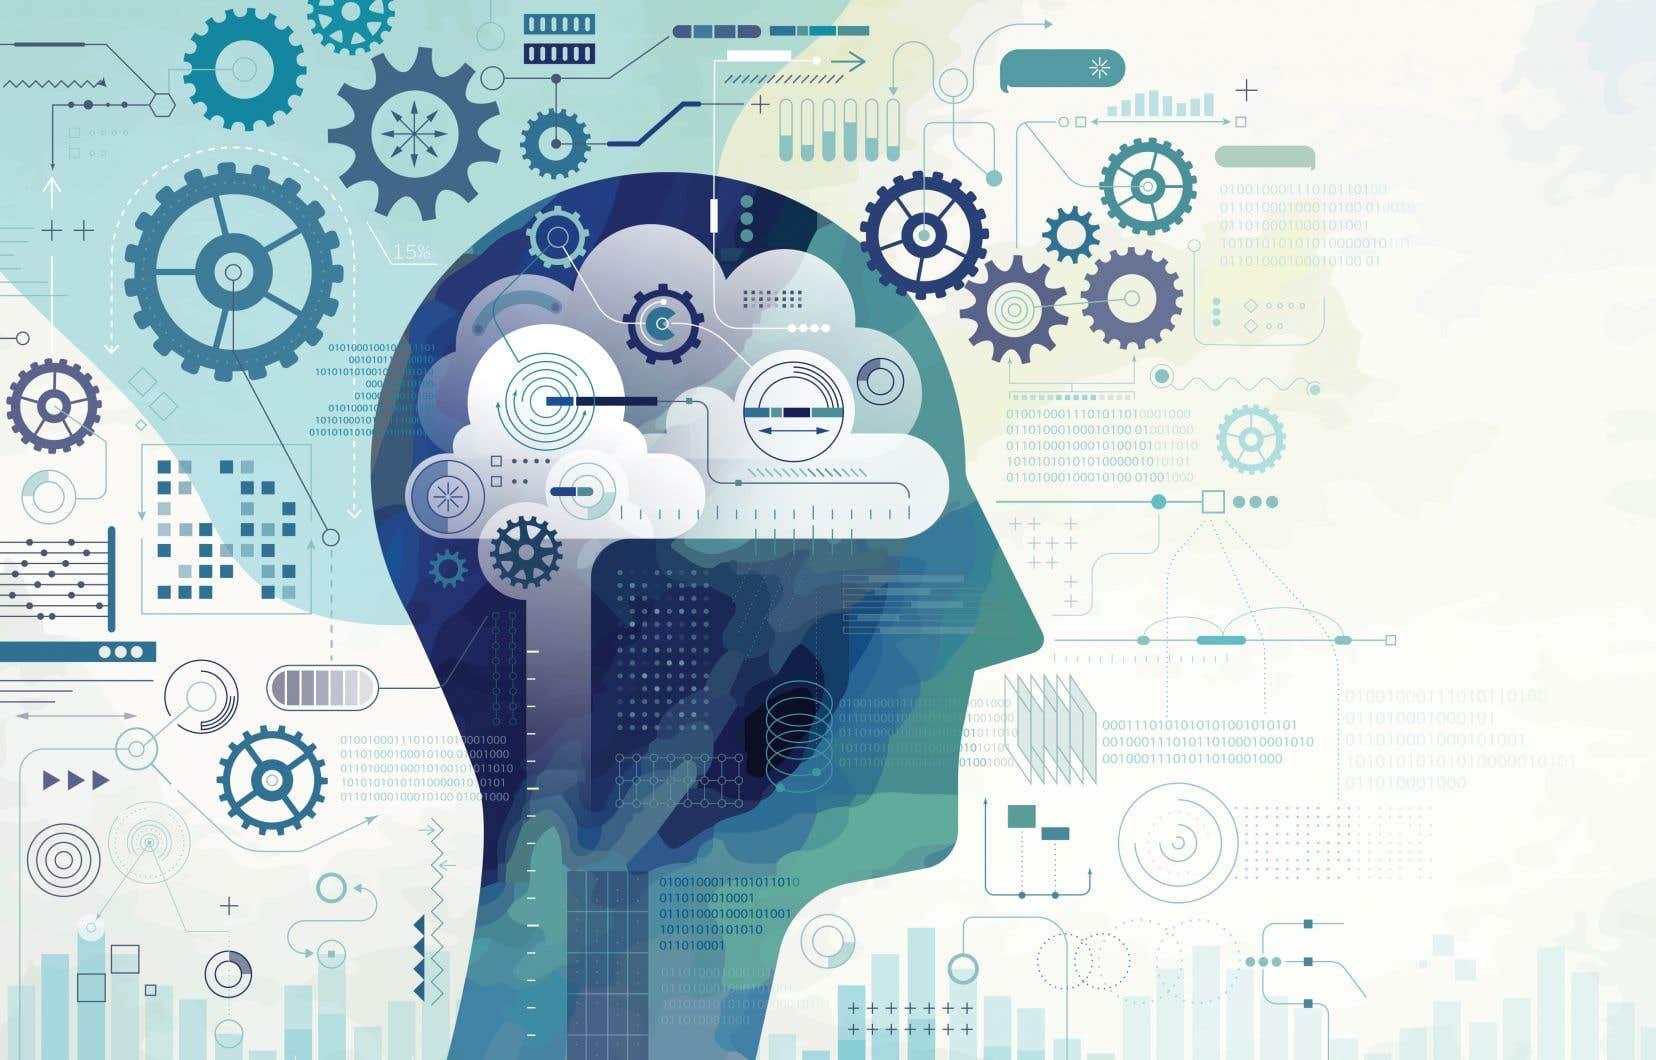 «Que l'IA soit capable du meilleur ou du pire, c'est ce que nous rappelle notre imaginaire culturel entretenu, depuis longtemps, par la science-fiction», expliqueAndré-Louis Paré.